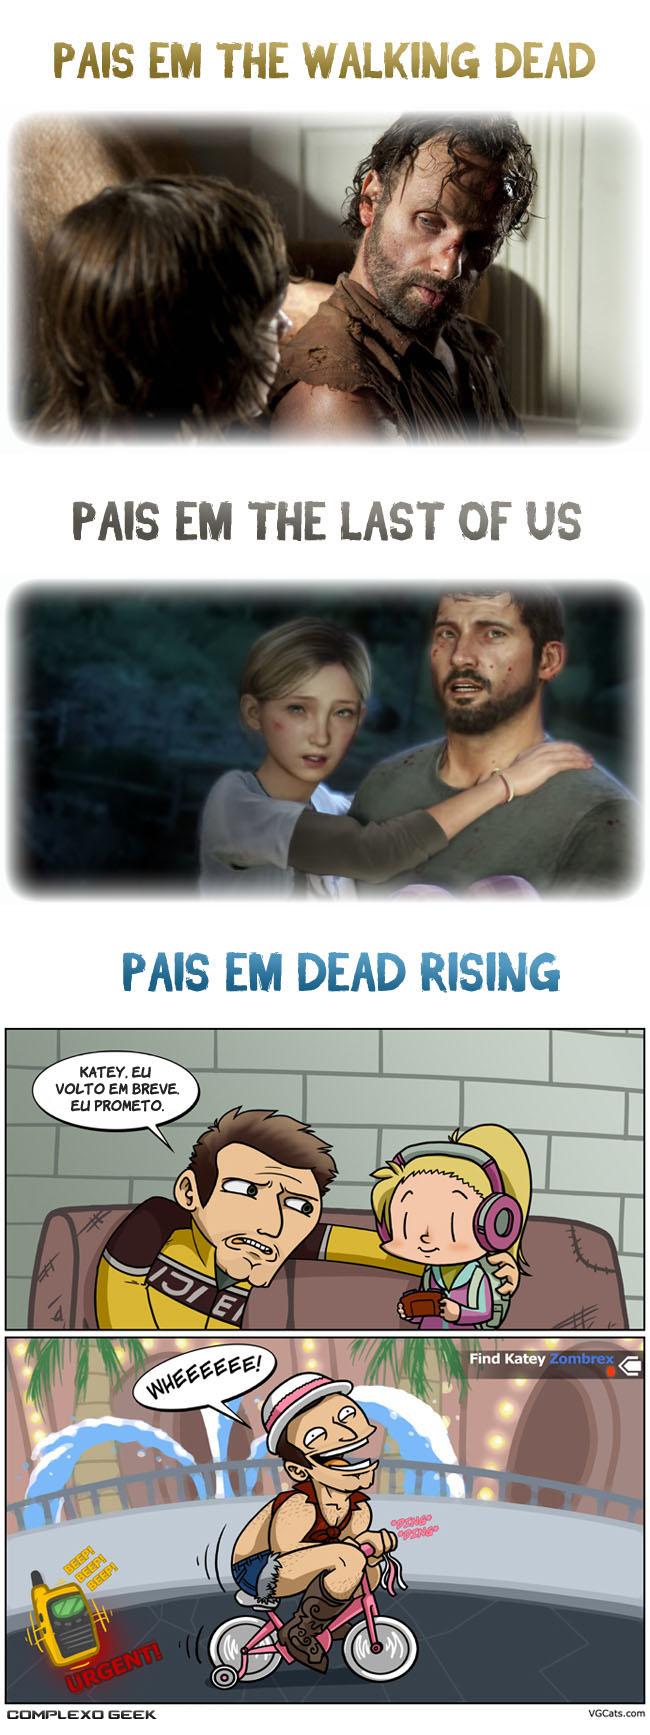 1 dead rising